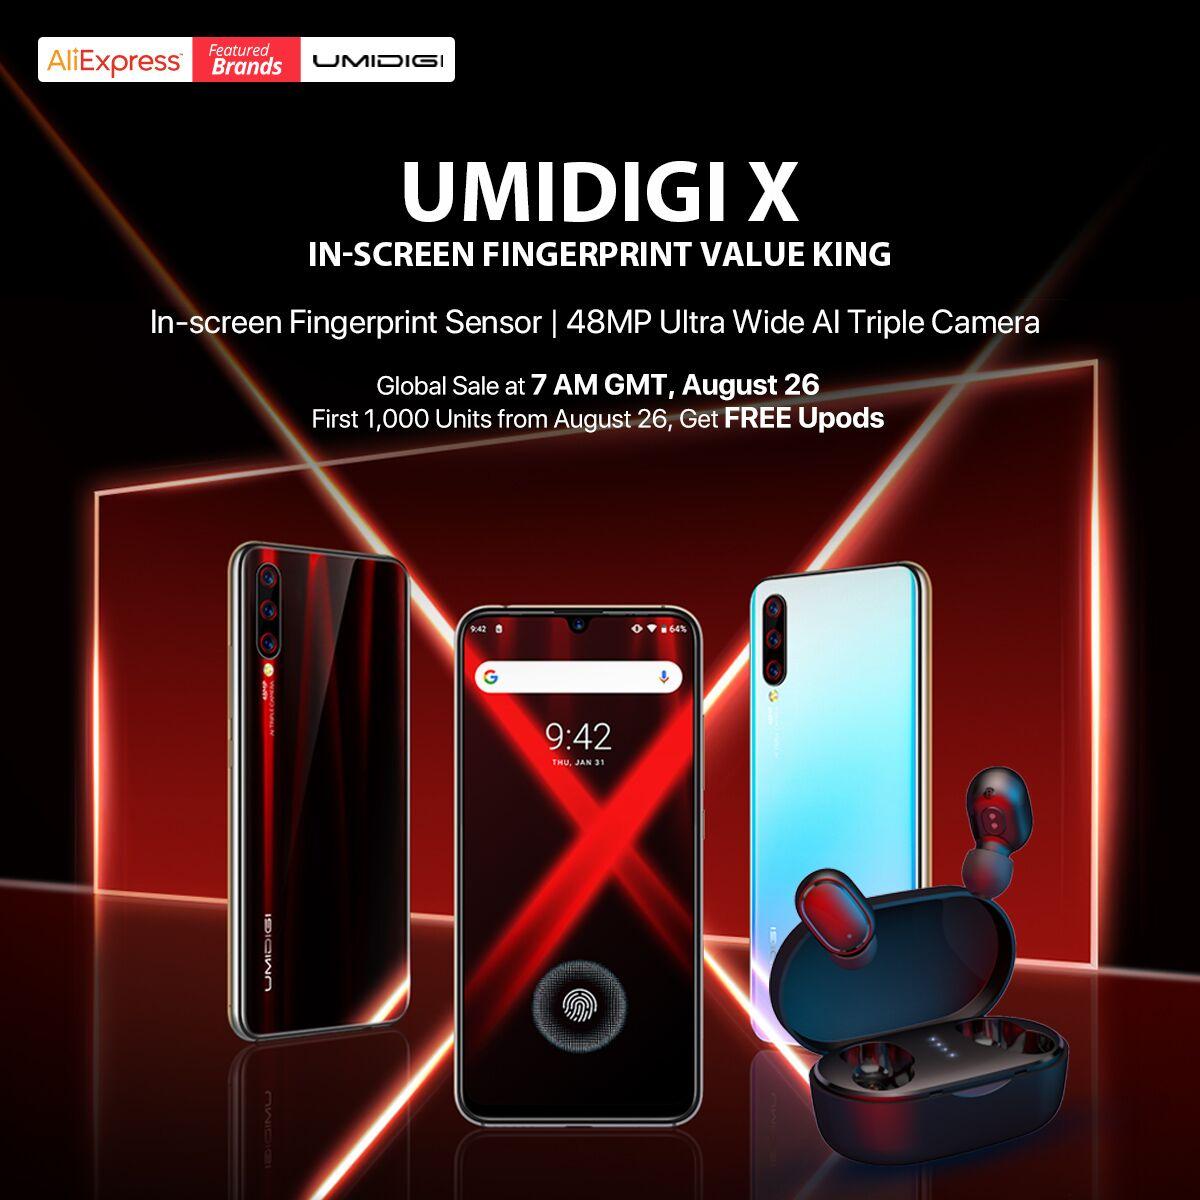 UMIDIGI X スペック詳細